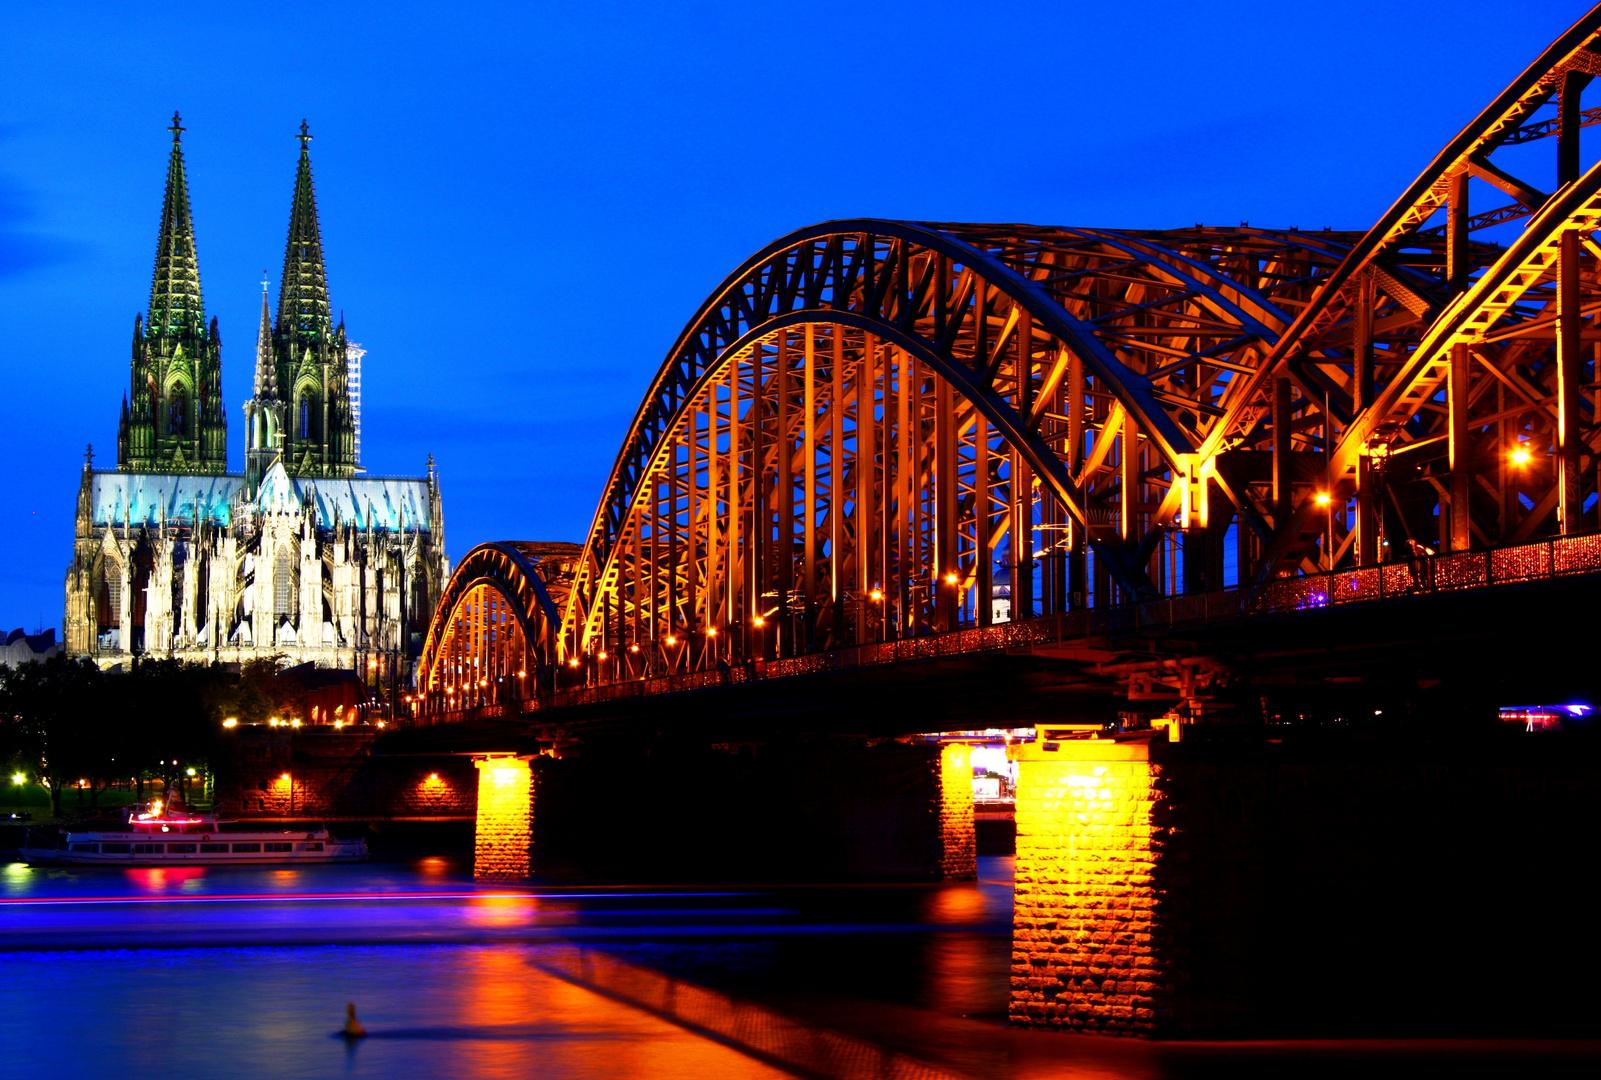 Blue Cologne